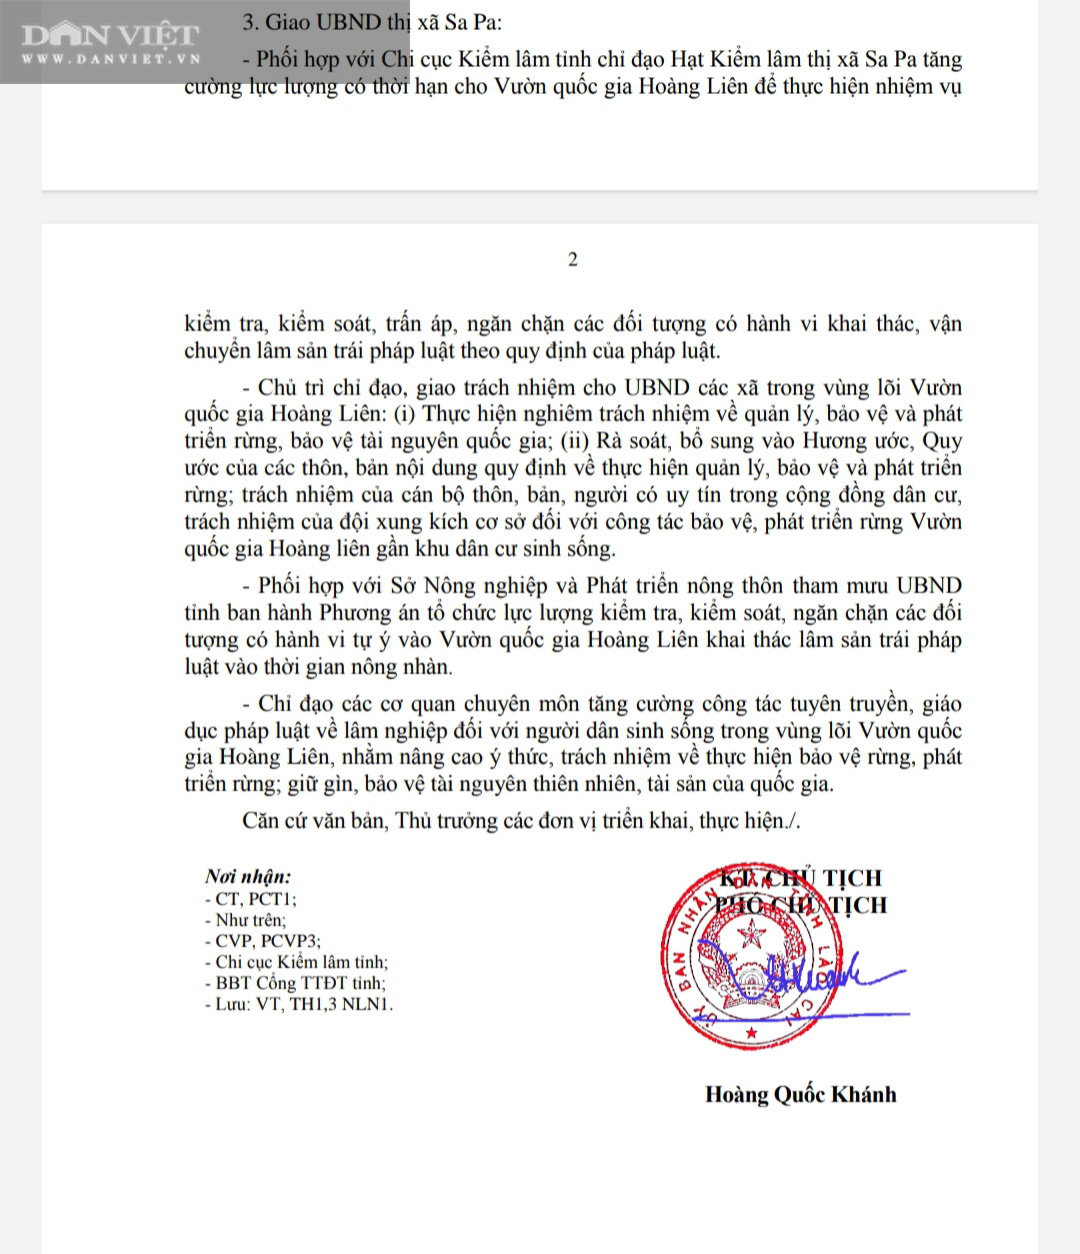 Tỉnh Lào Cai yêu cầu Kiểm điểm, làm rõ trách nhiệm cá nhân có liên quan vụ phá rừng pơ mu VQG Hoàng Liên - Ảnh 4.